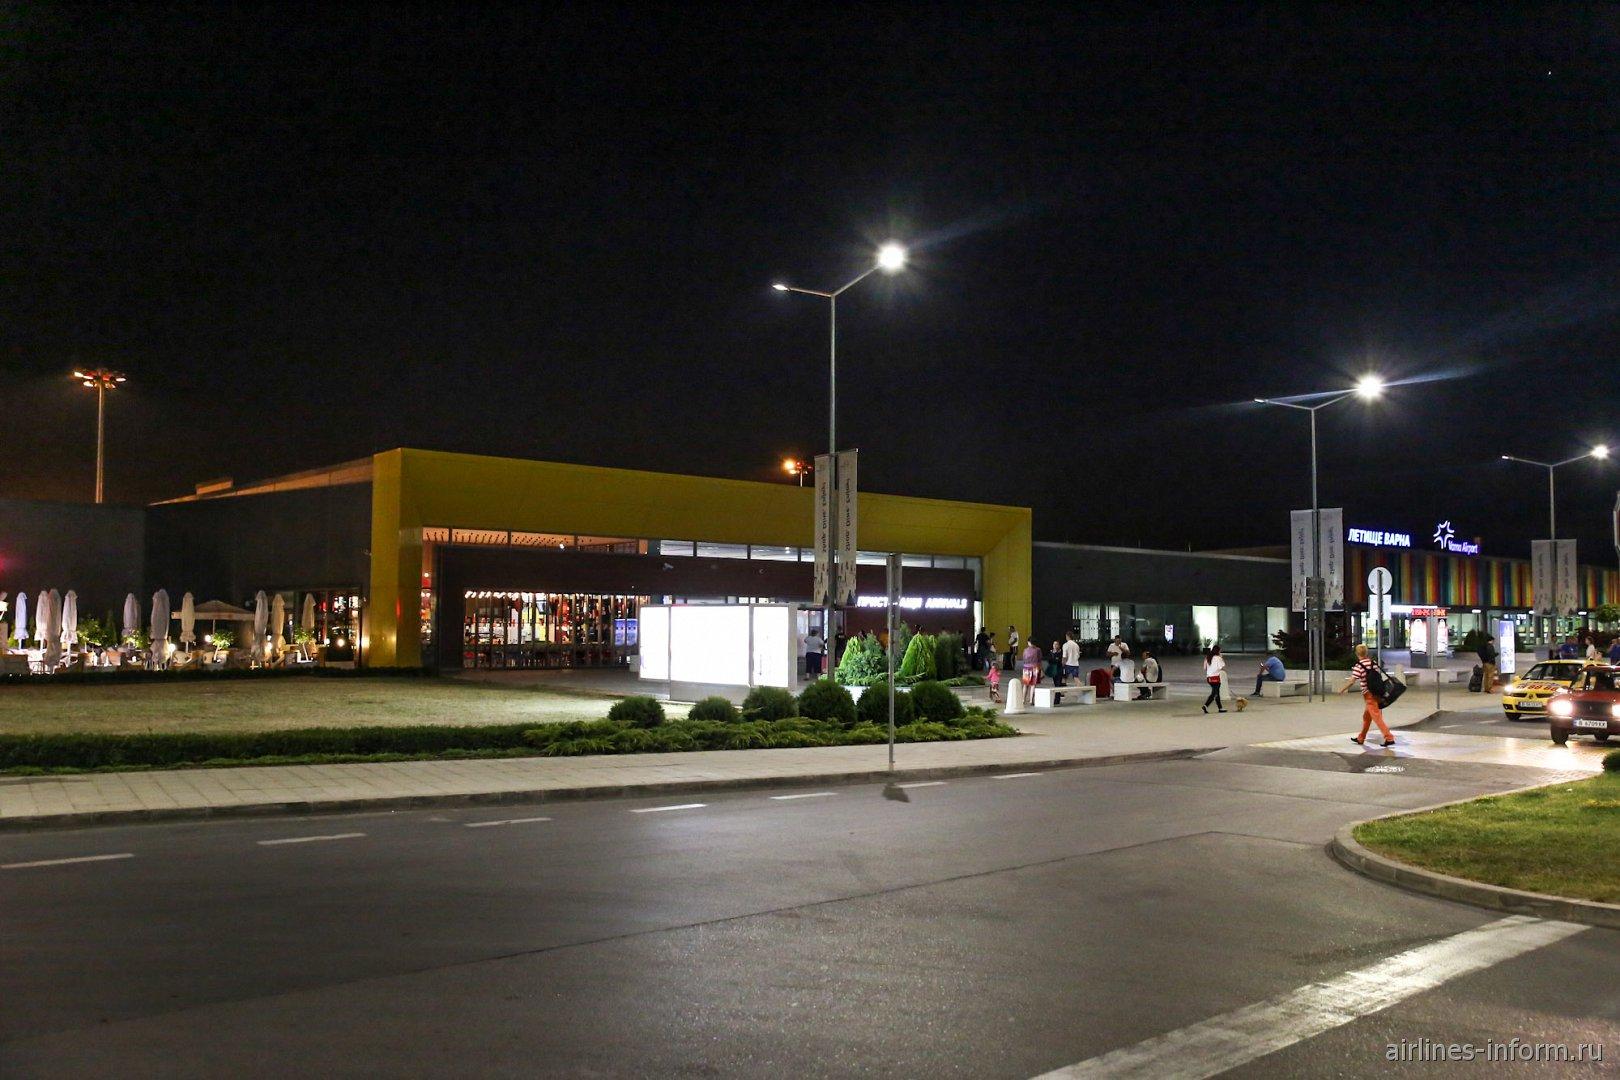 Зона прилета пассажирского терминал аэропорта Варна